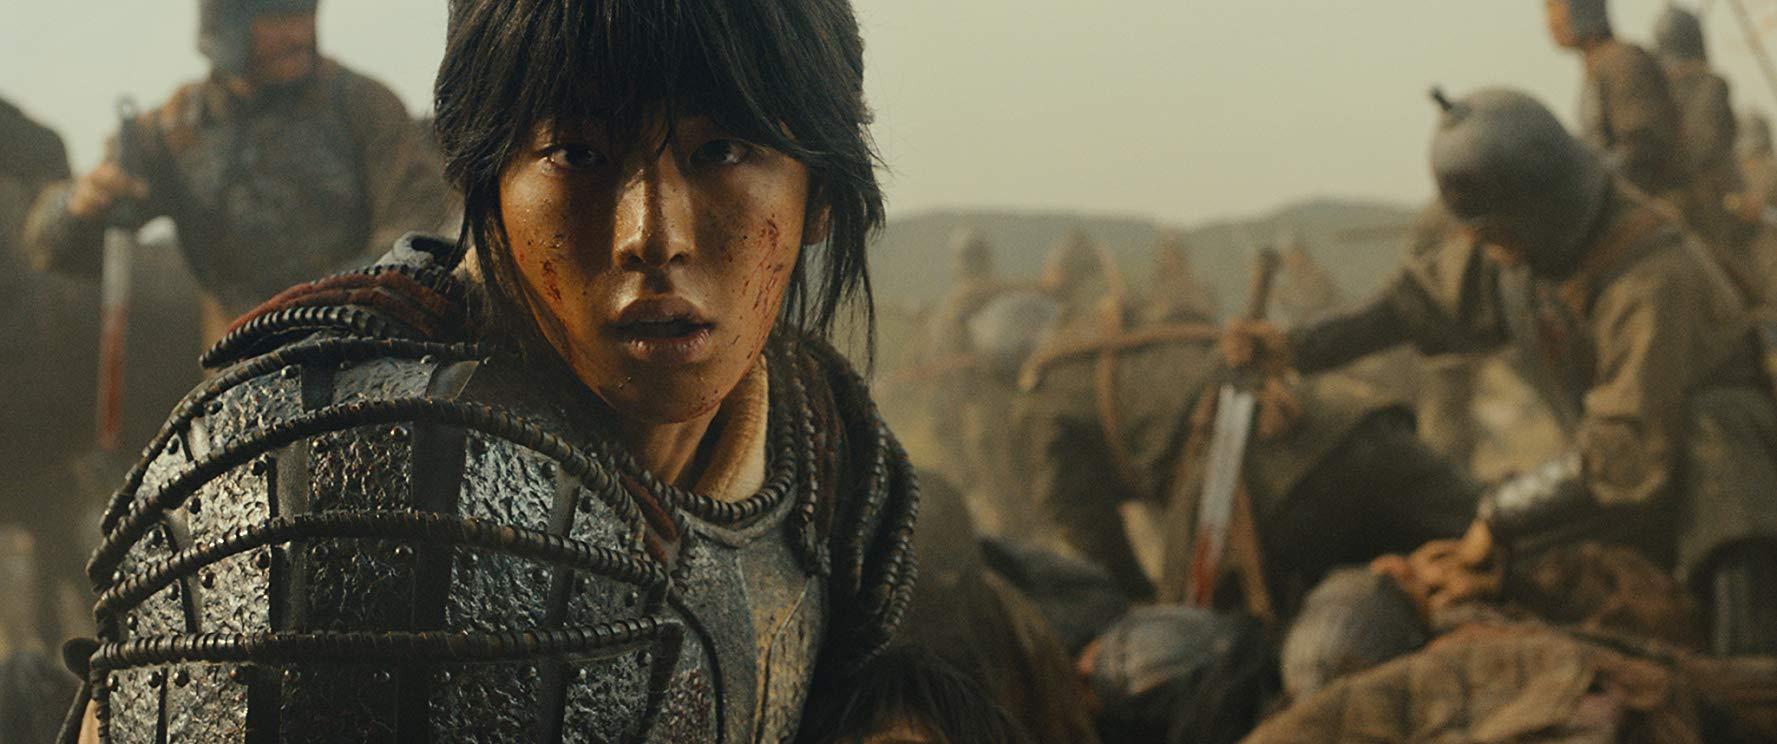 """Nam Joo Hyuk hiện đang được đề cử cho vai Nam diễn viên hay nhất tại The Seoul Awards lần thứ 2 (diễn ra vào ngày 27 tháng Mười tới) bởi sự thể hiện của anh trong 'The Great Battle"""""""